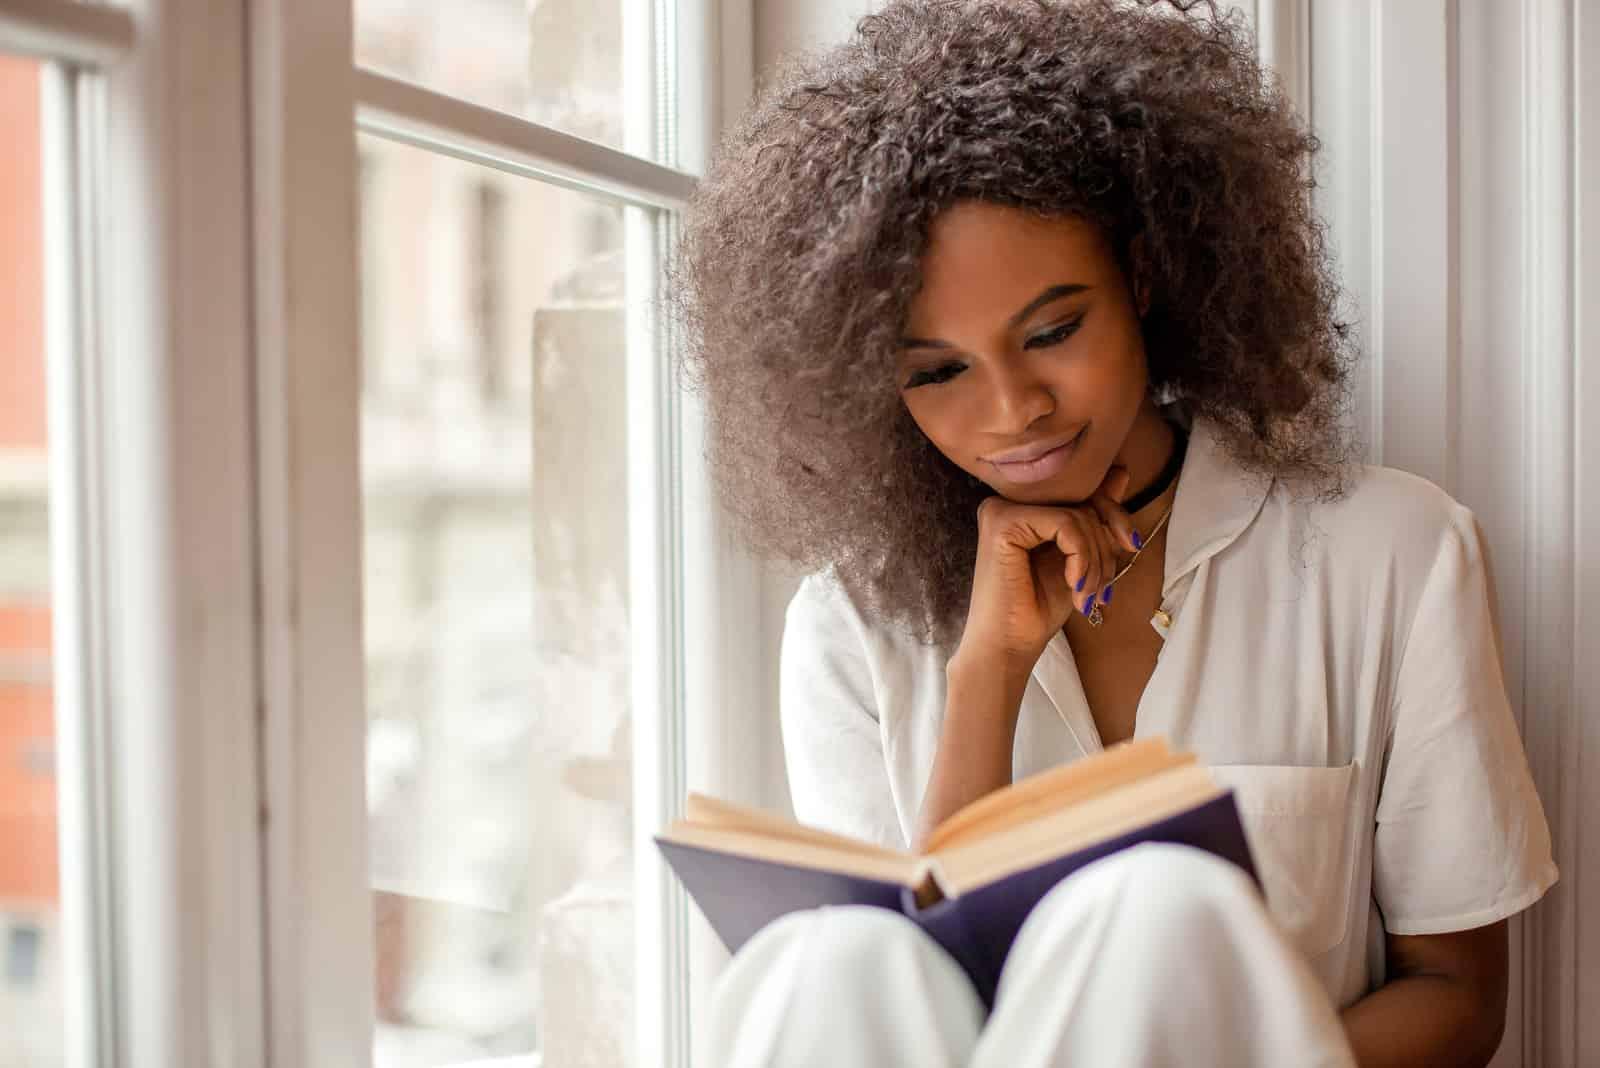 une femme aux cheveux crépus est assise près de la fenêtre et lit un livre